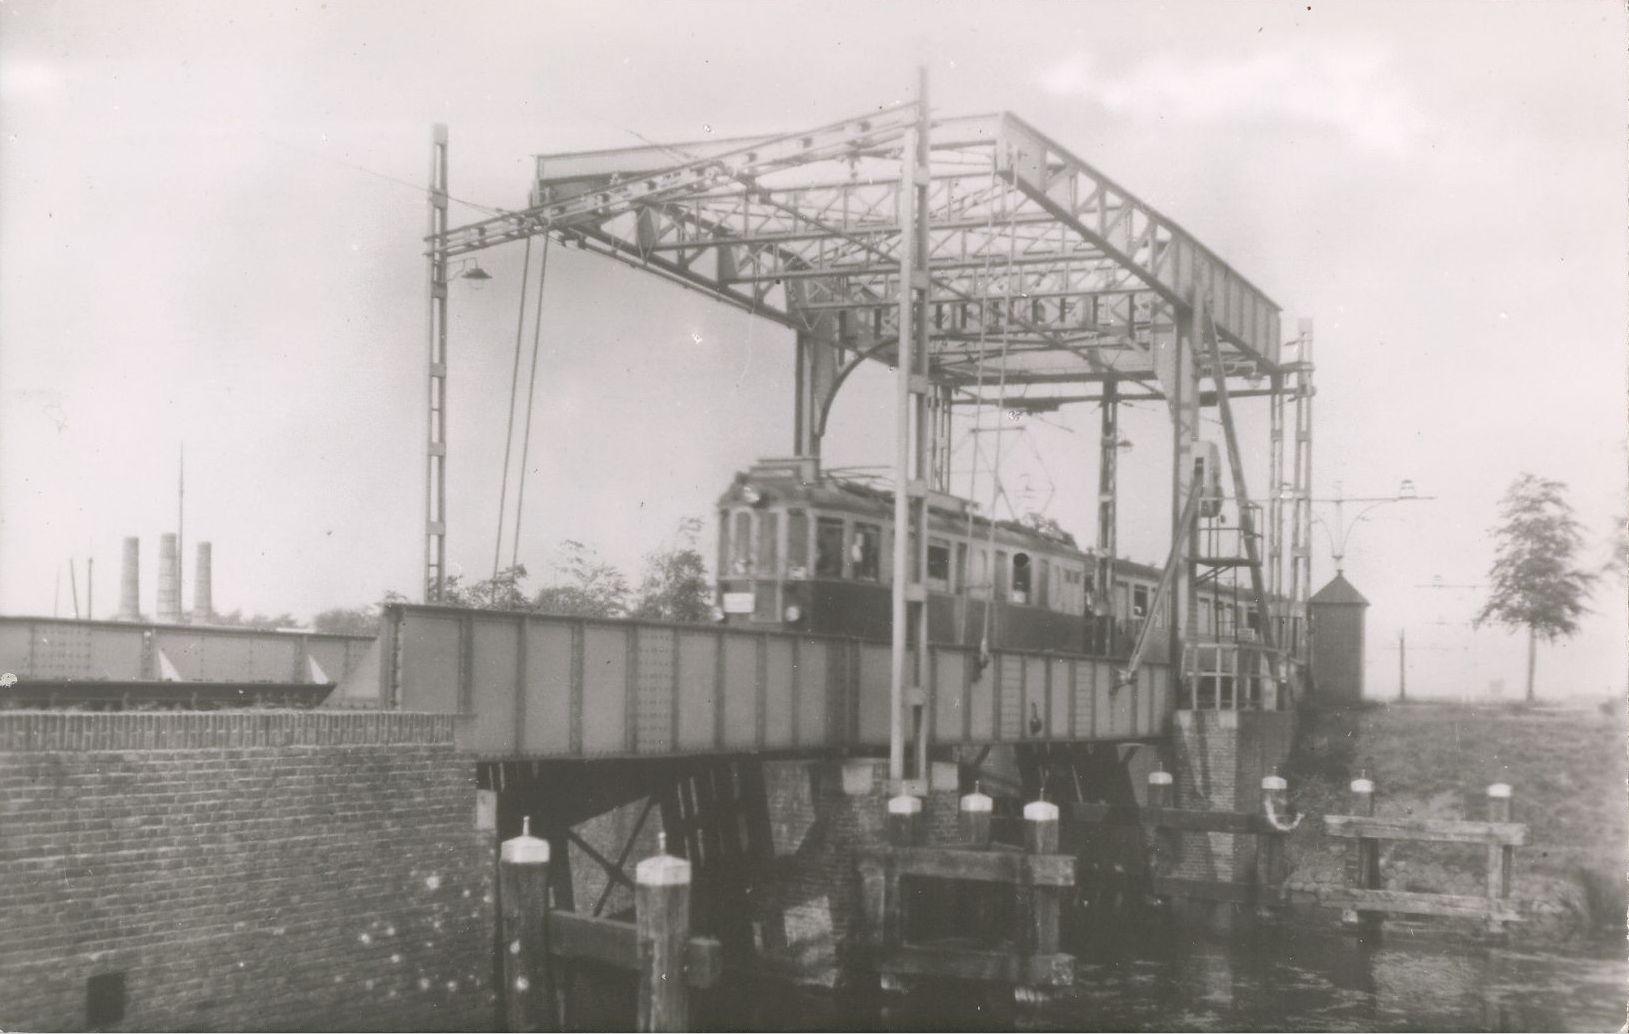 Gezicht op de trambrug over de Trekvliet nabij de Lammeschans met een zogenaamde Boedapester tram (NZHTM-lijn Leiden-Voorschoten-Voorburg-Den Haag). Links op de achtergrond de kalkovens aan de Zoeterwoudseweg (ca. 1955).